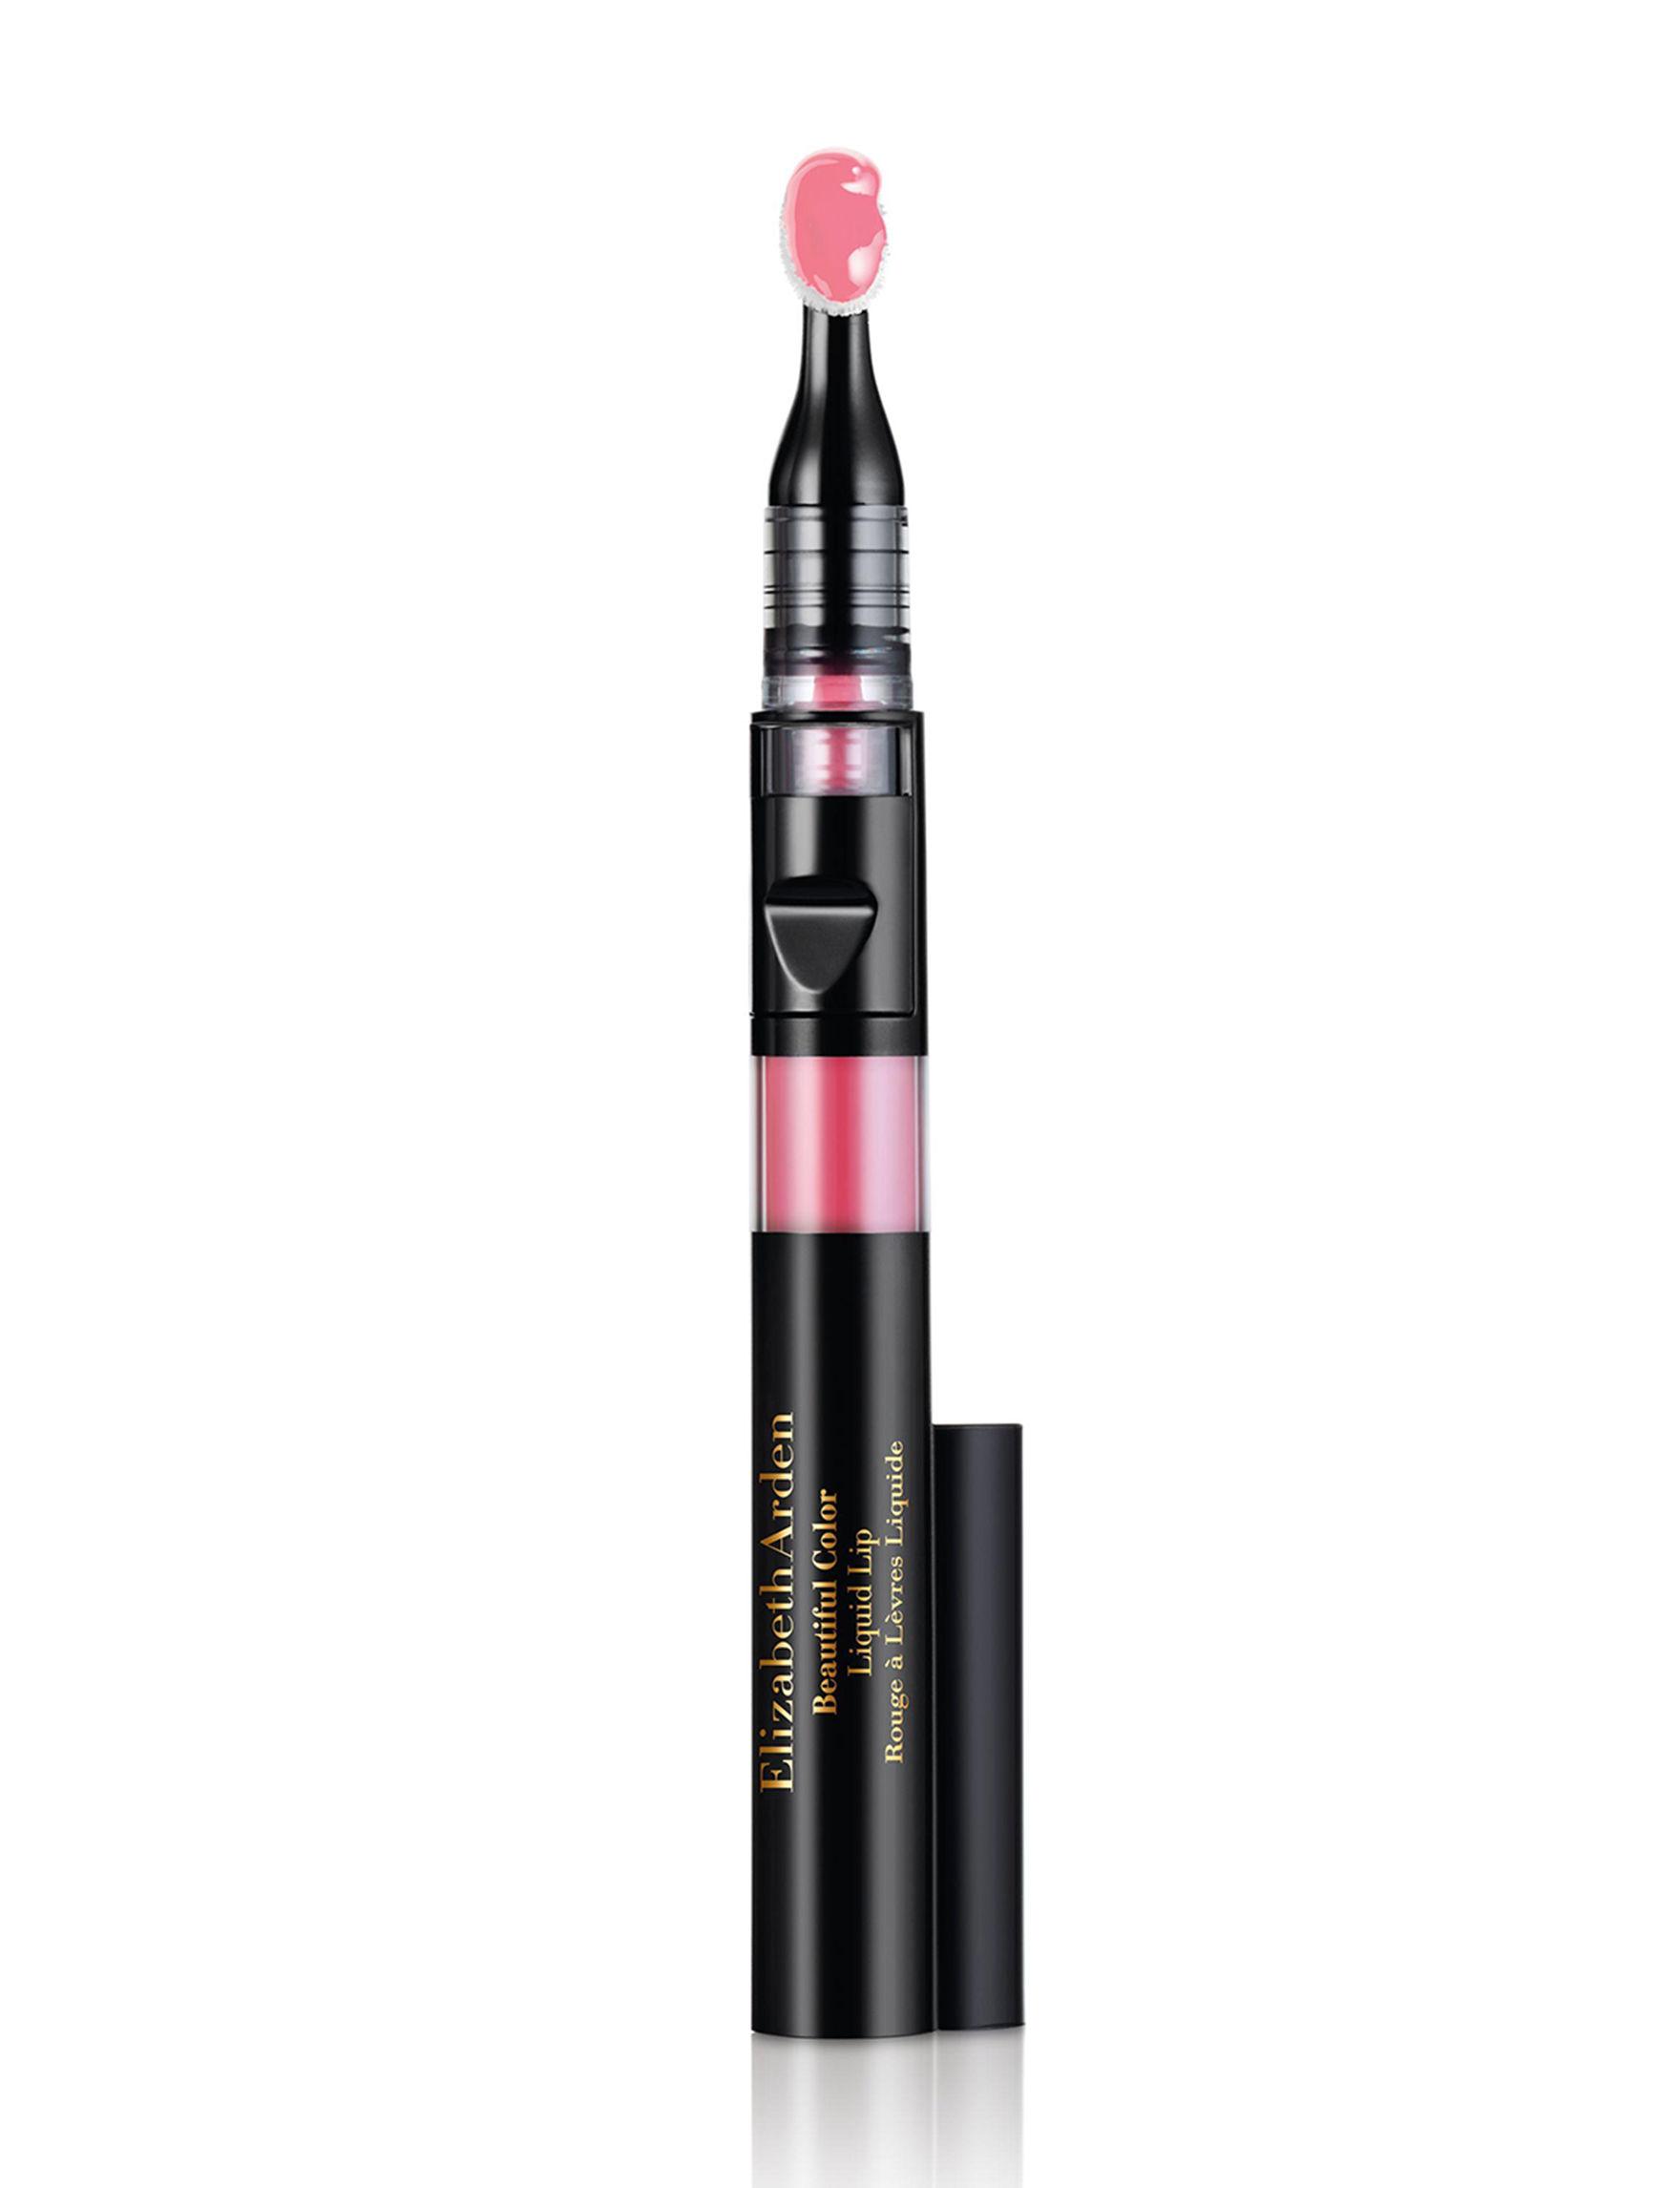 Elizabeth Arden Gone Pink Lips Lip Gloss